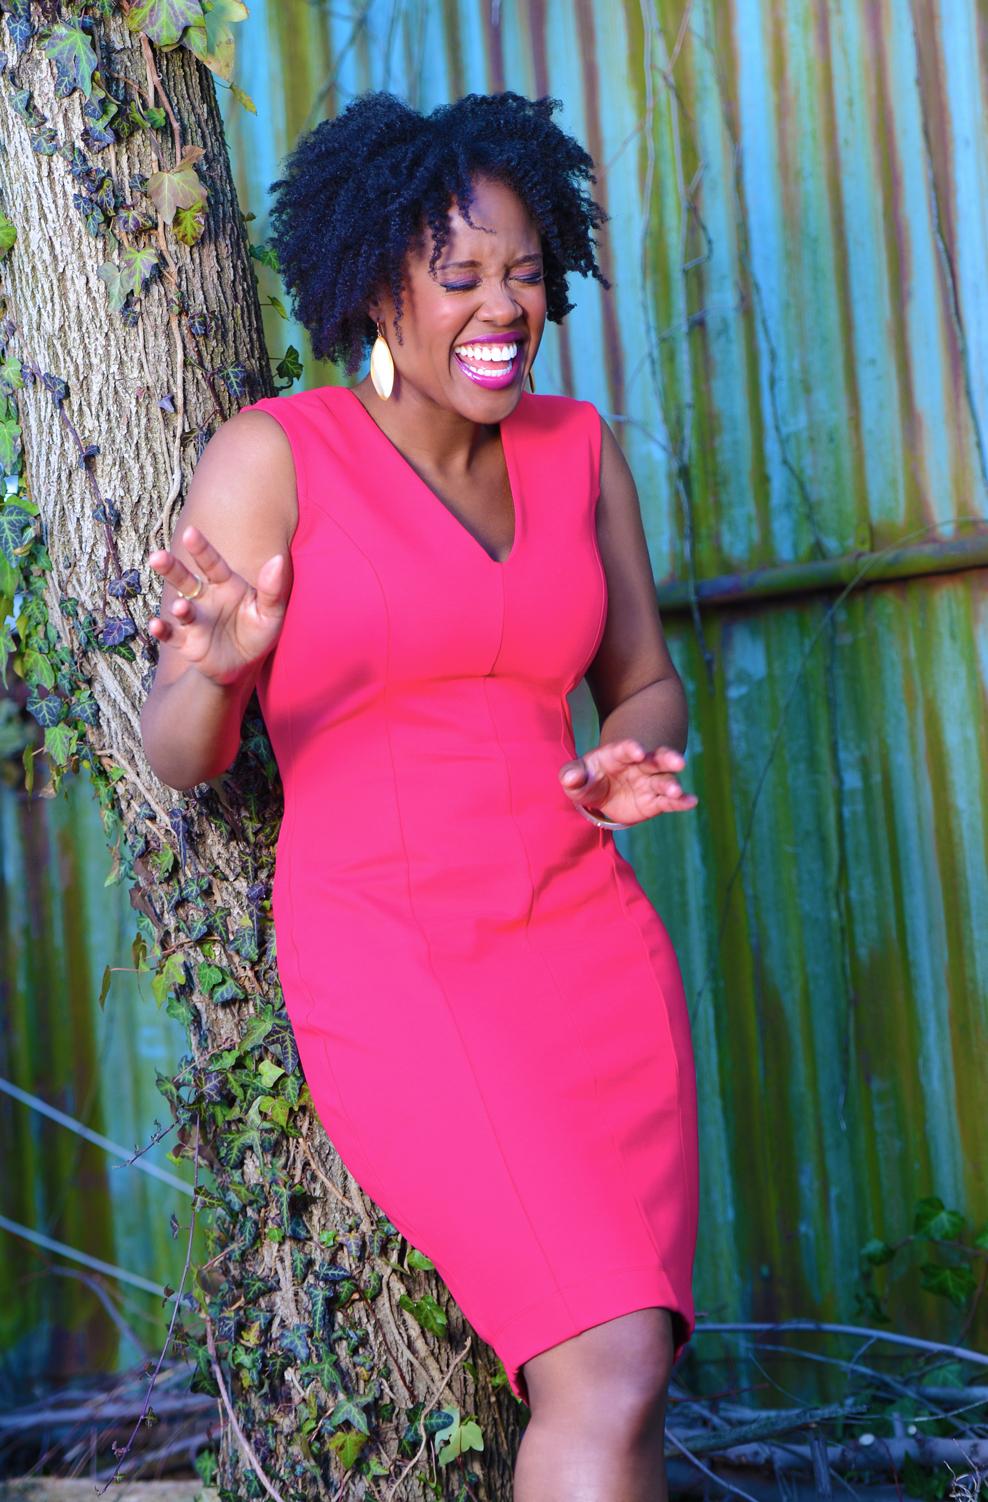 Akilah Green Laughing in Pink Dress